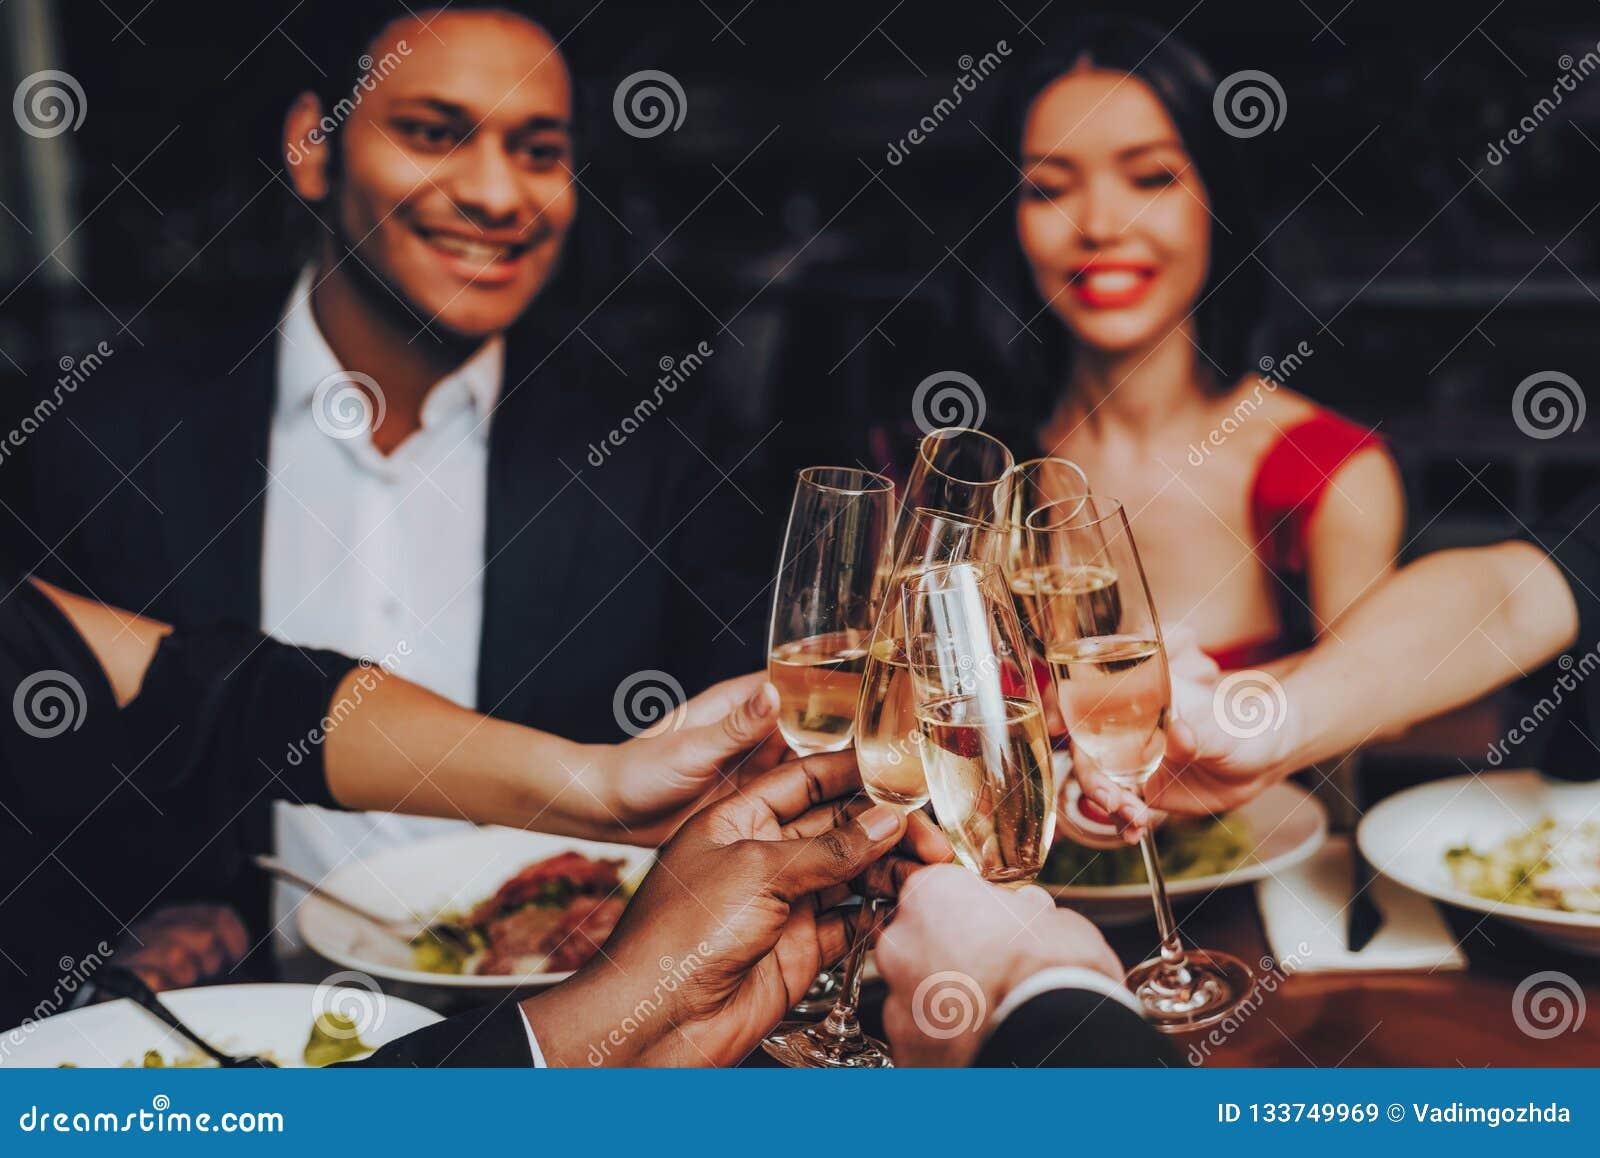 Amigos que refrigeram para fora a apreciação da refeição no restaurante